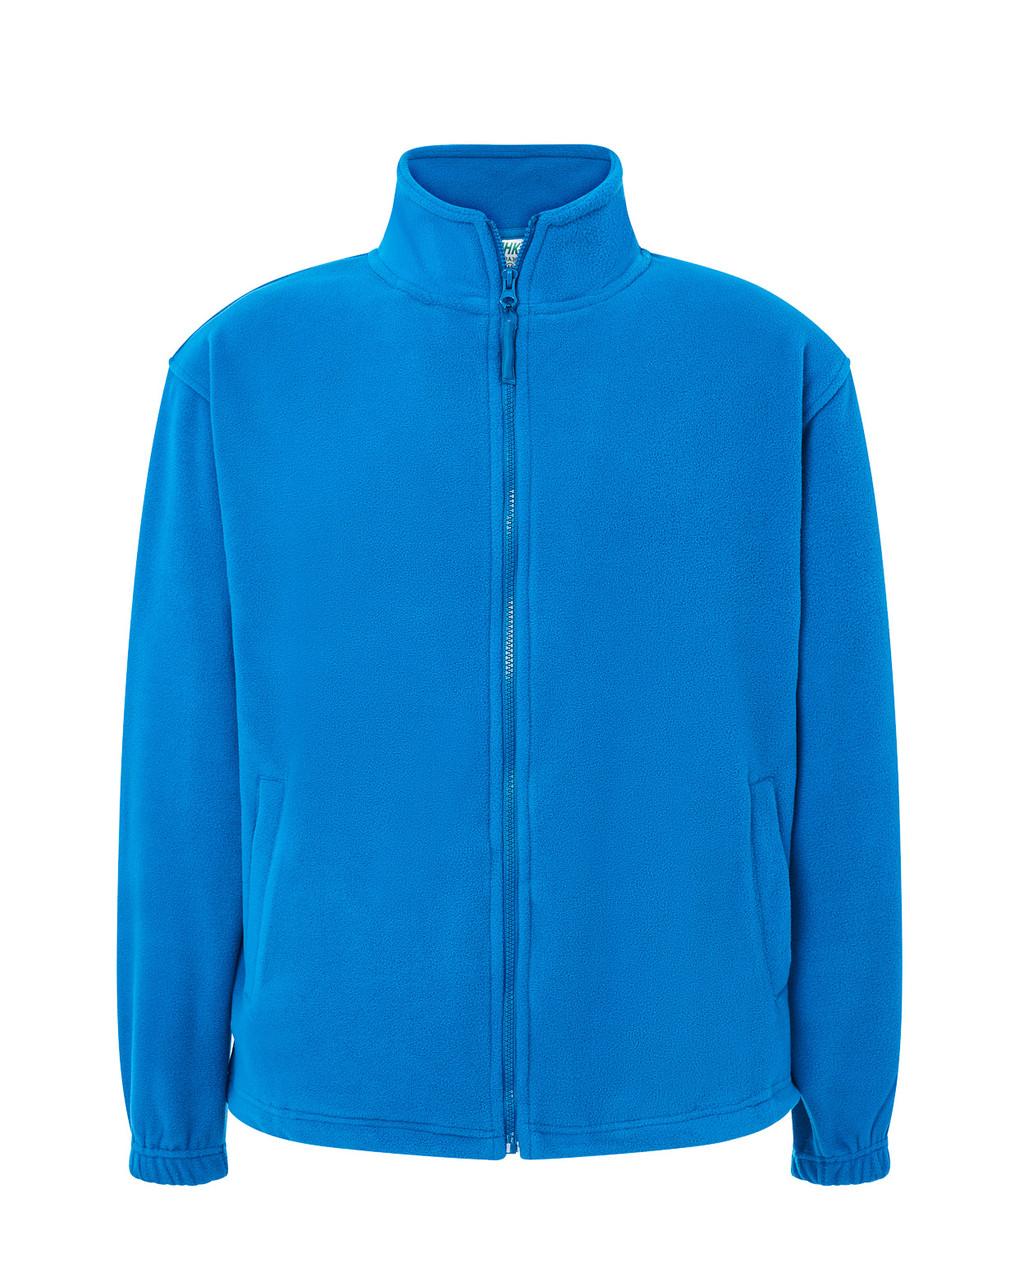 Мужская флисовая кофта JHK POLAR FLEECE MAN цвет светло-синий (AQ) L